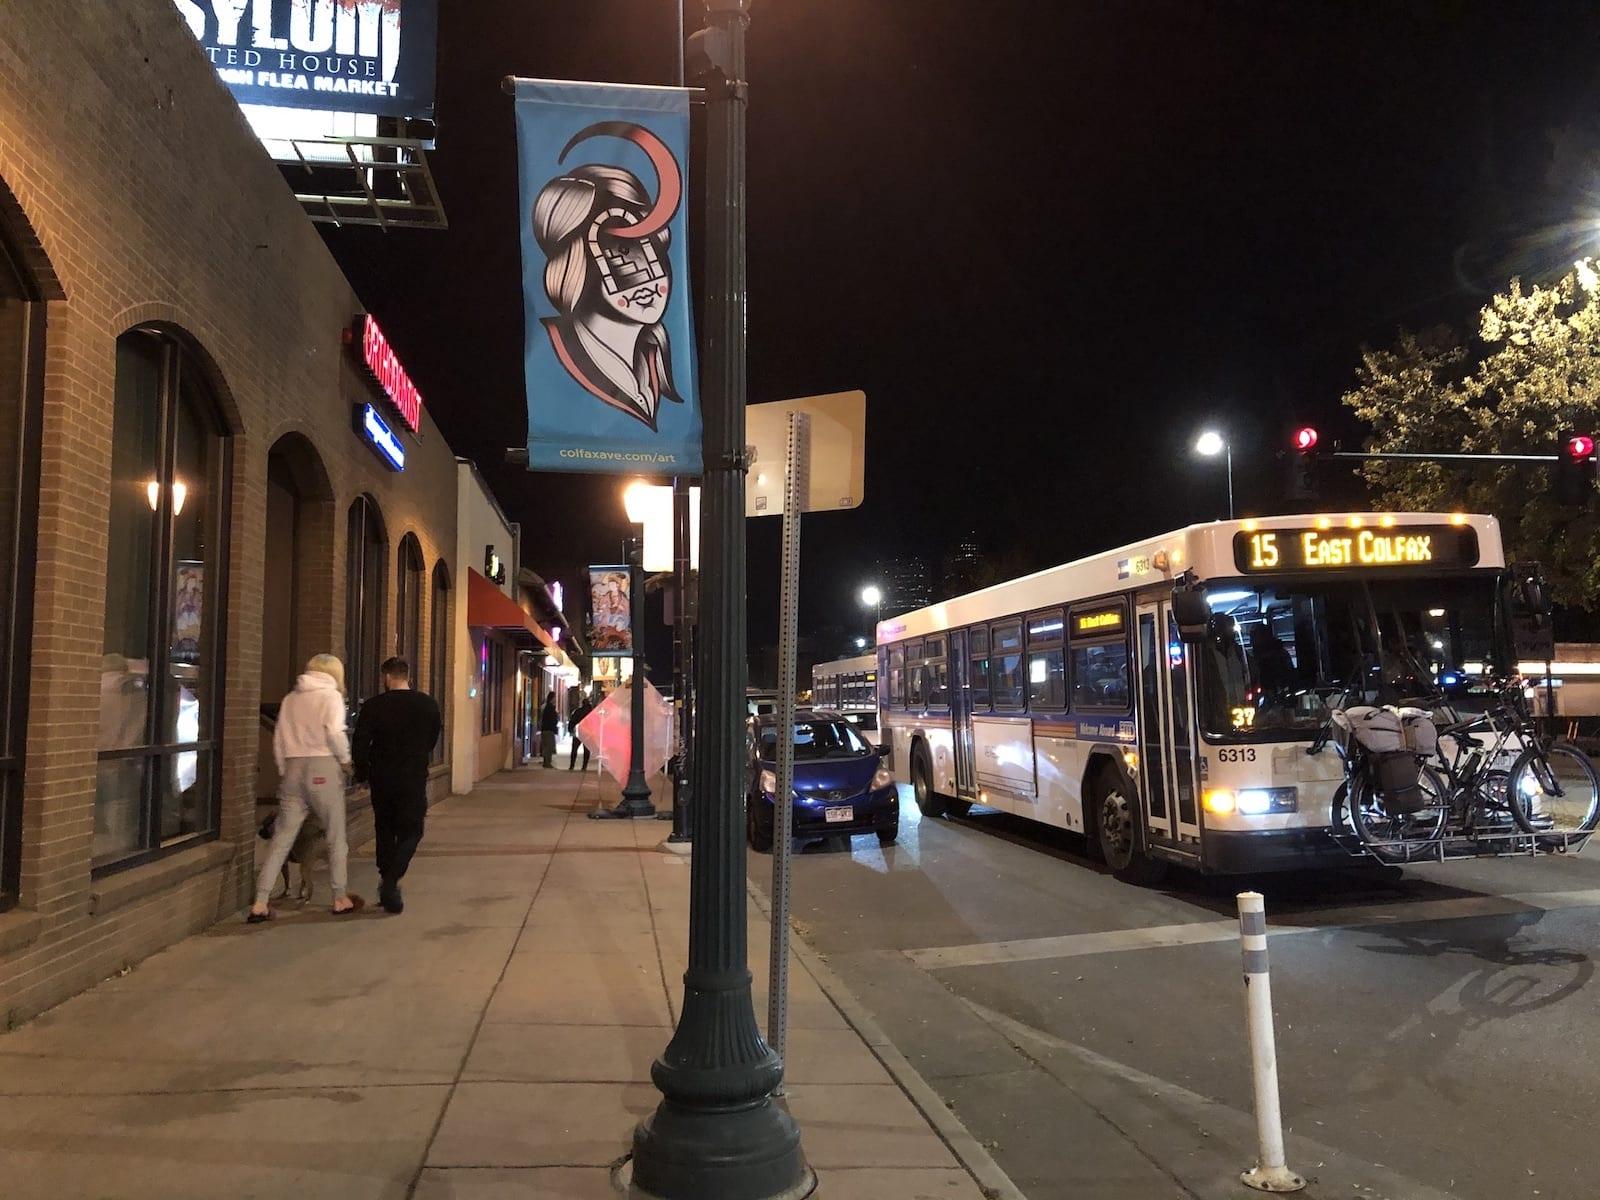 East Colfax Avenue 15 Bus Route Denver